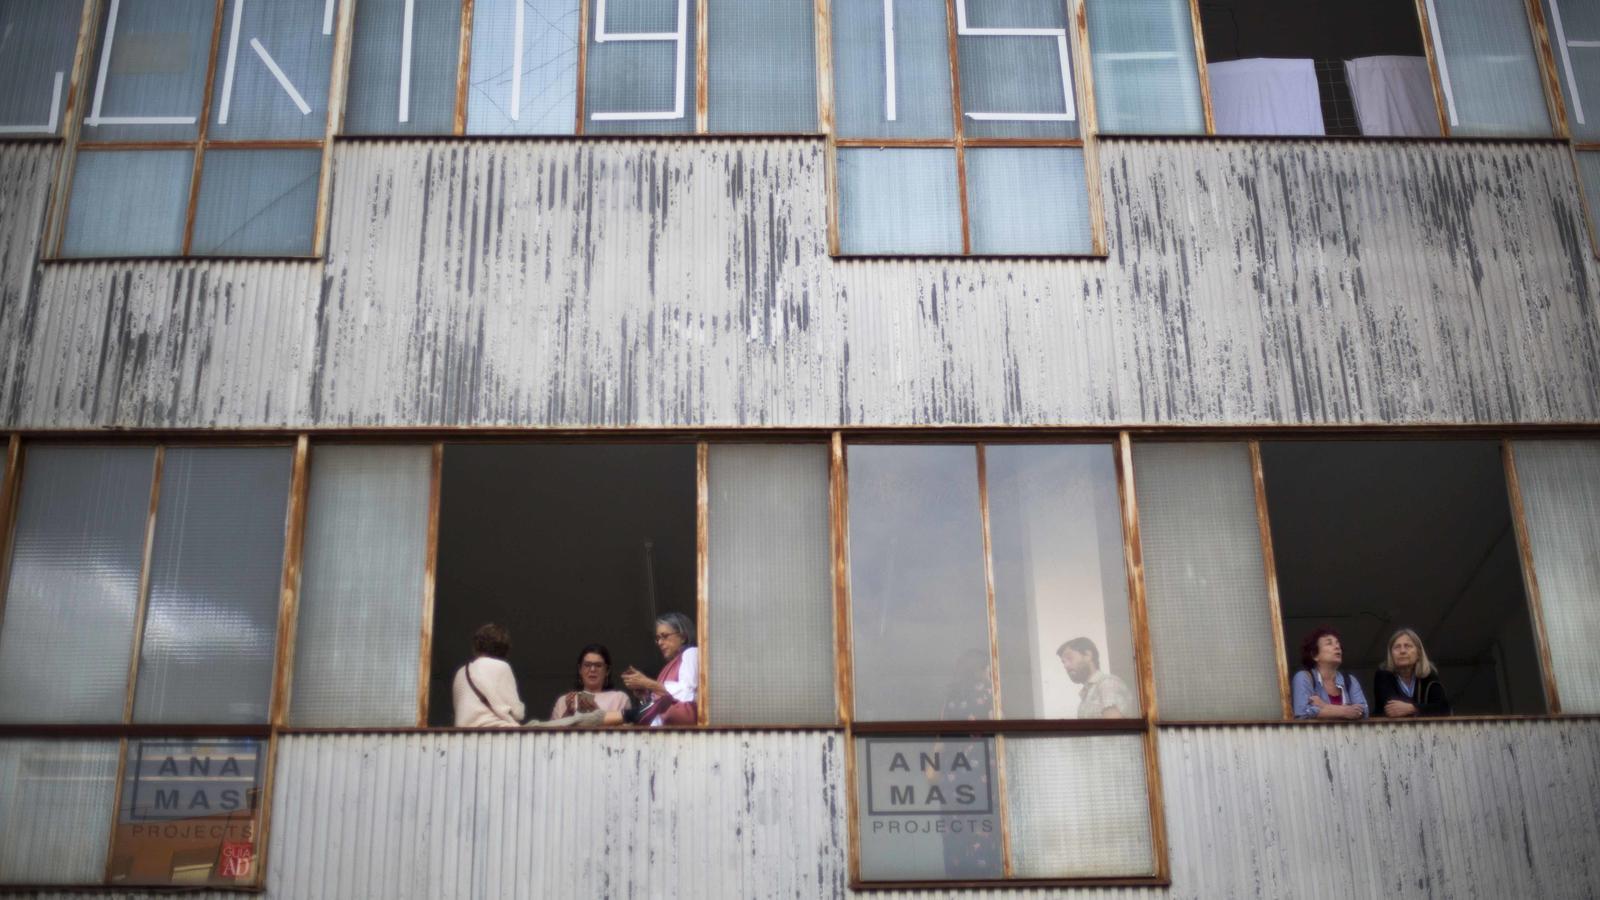 Les finestres de la galeria Ana Mas Projects, en un edifici industrial del carrer Isaac Peral